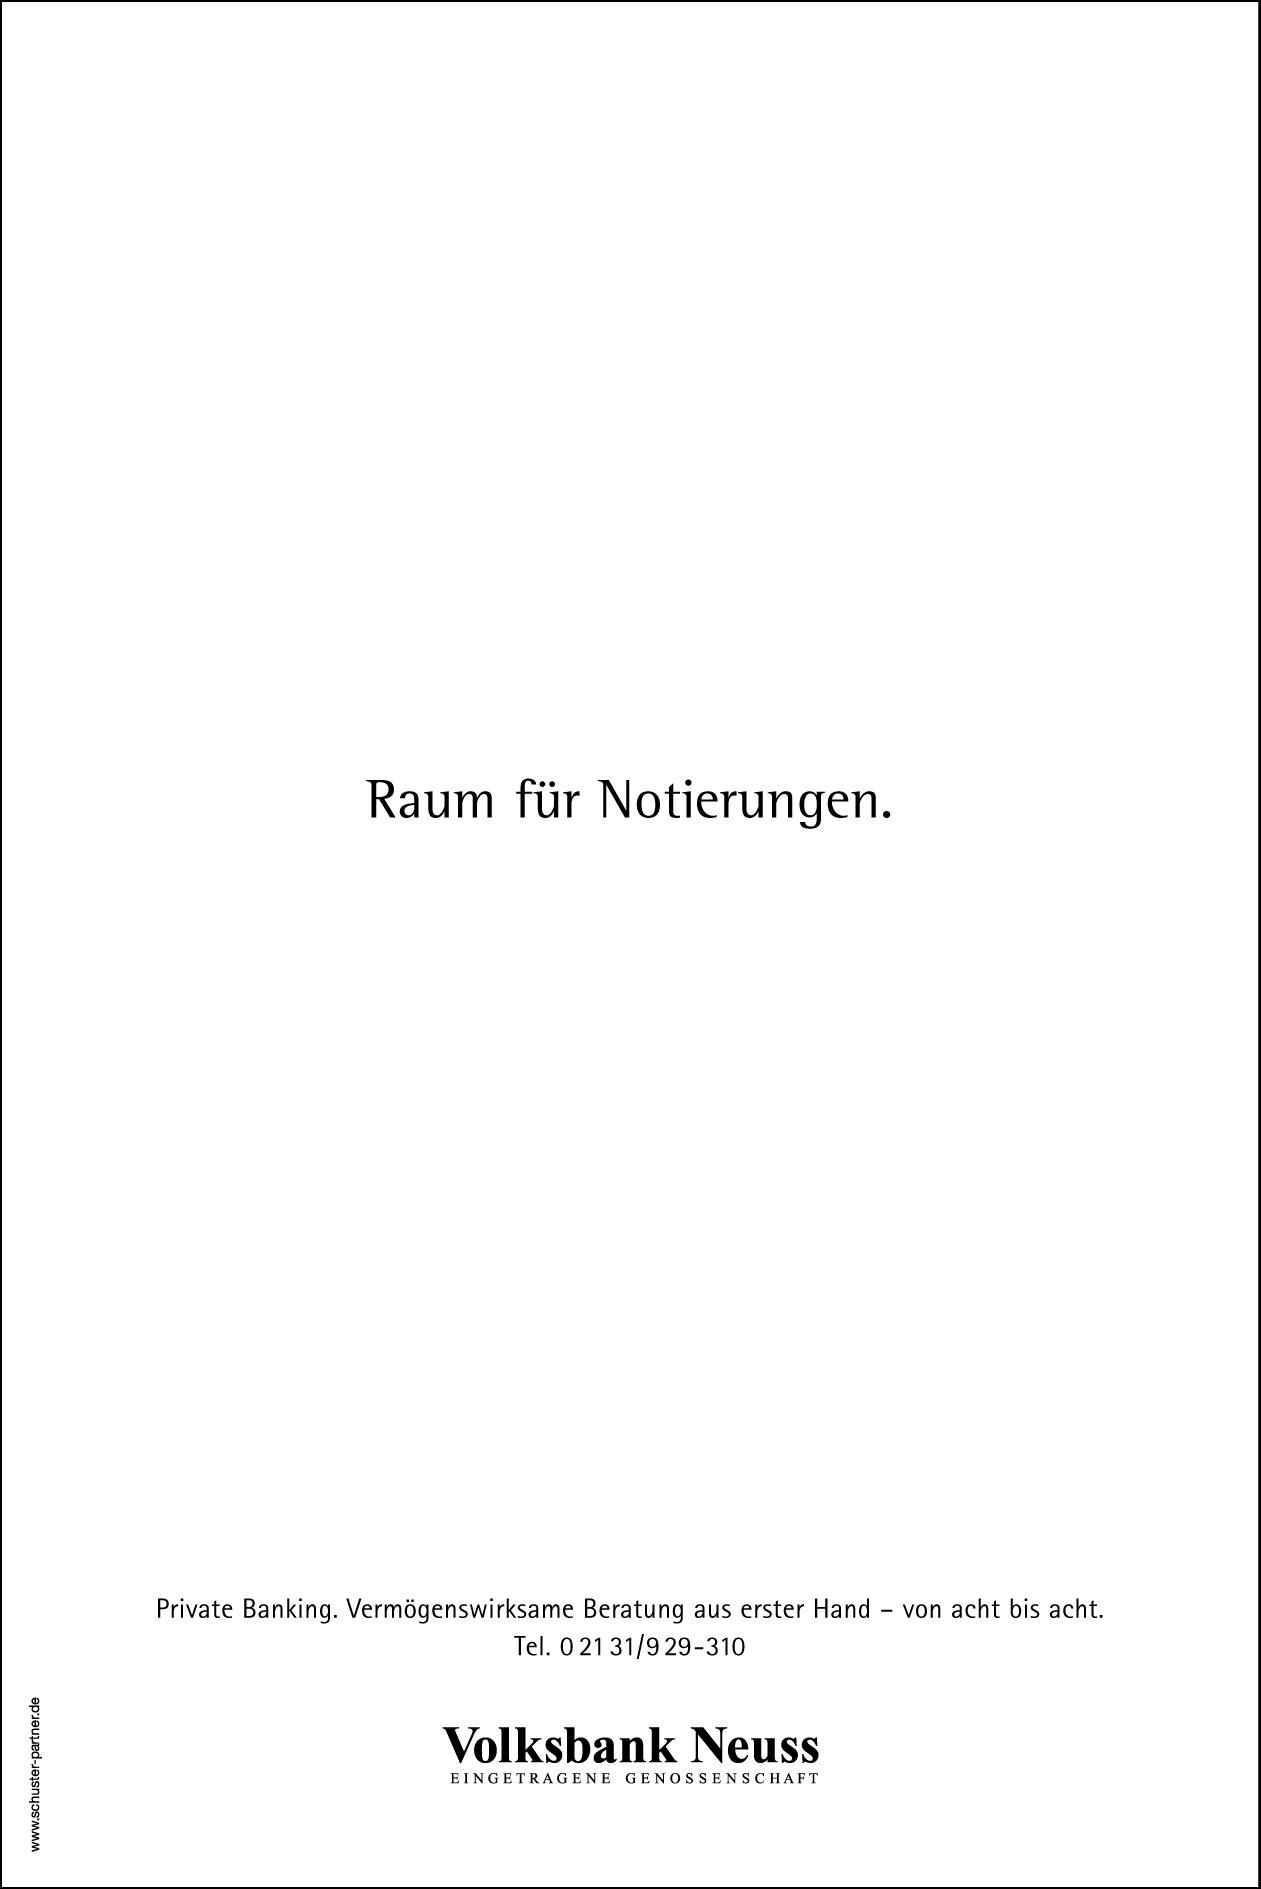 Volksbank Tageszeitungsanzeige: Textanzeige 3